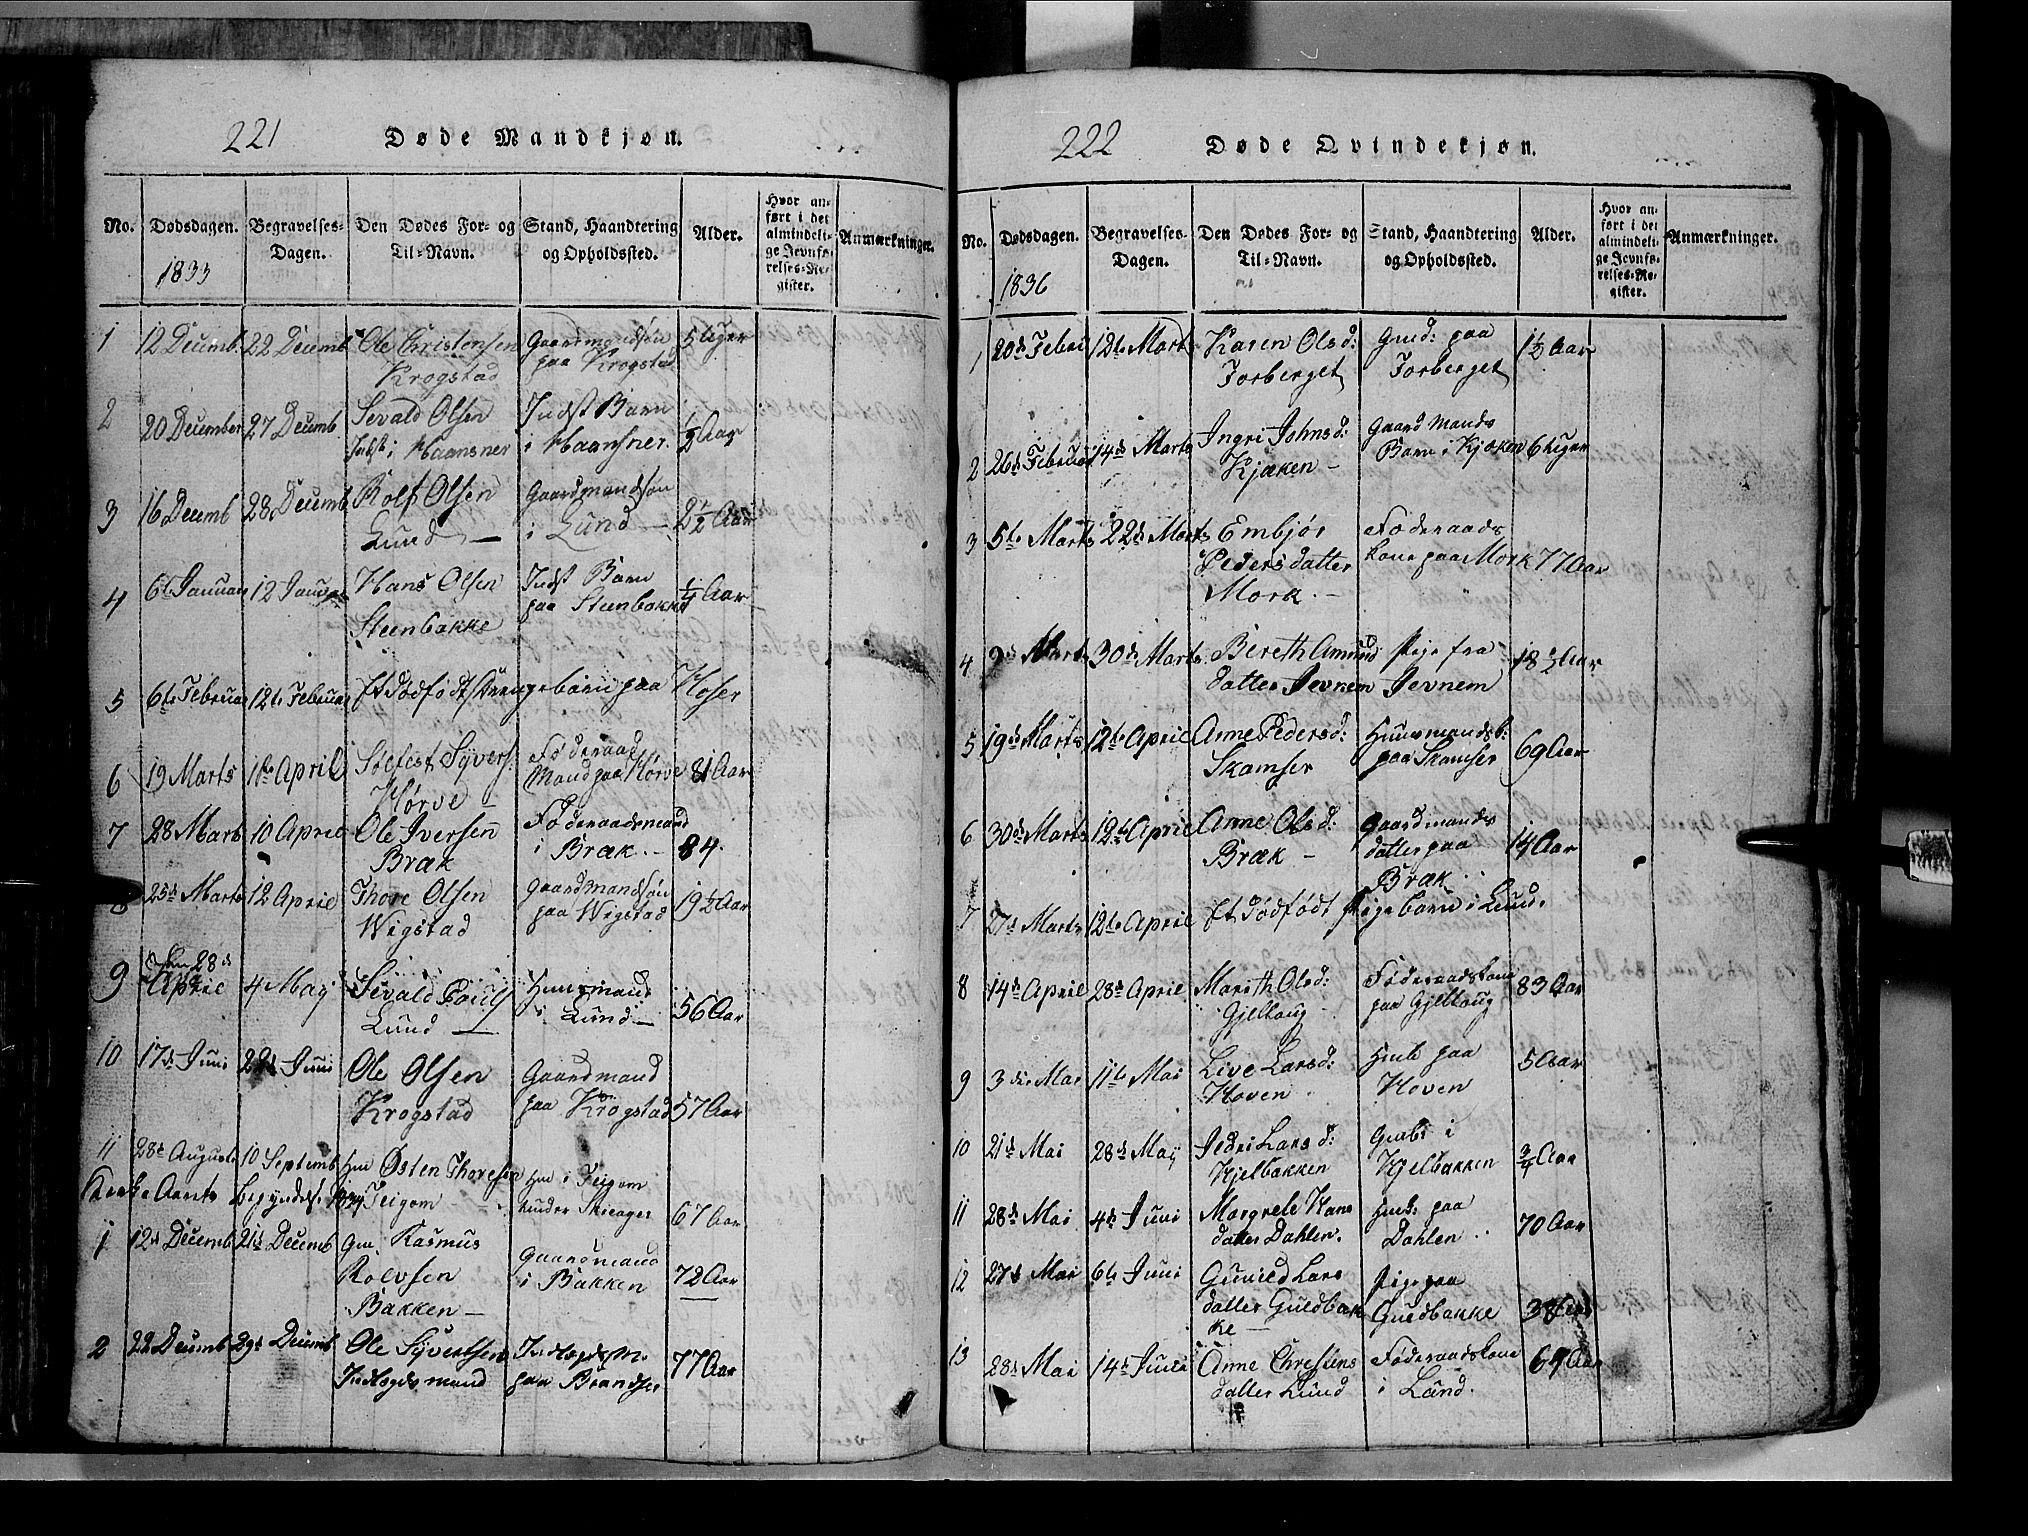 SAH, Lom prestekontor, L/L0003: Klokkerbok nr. 3, 1815-1844, s. 221-222